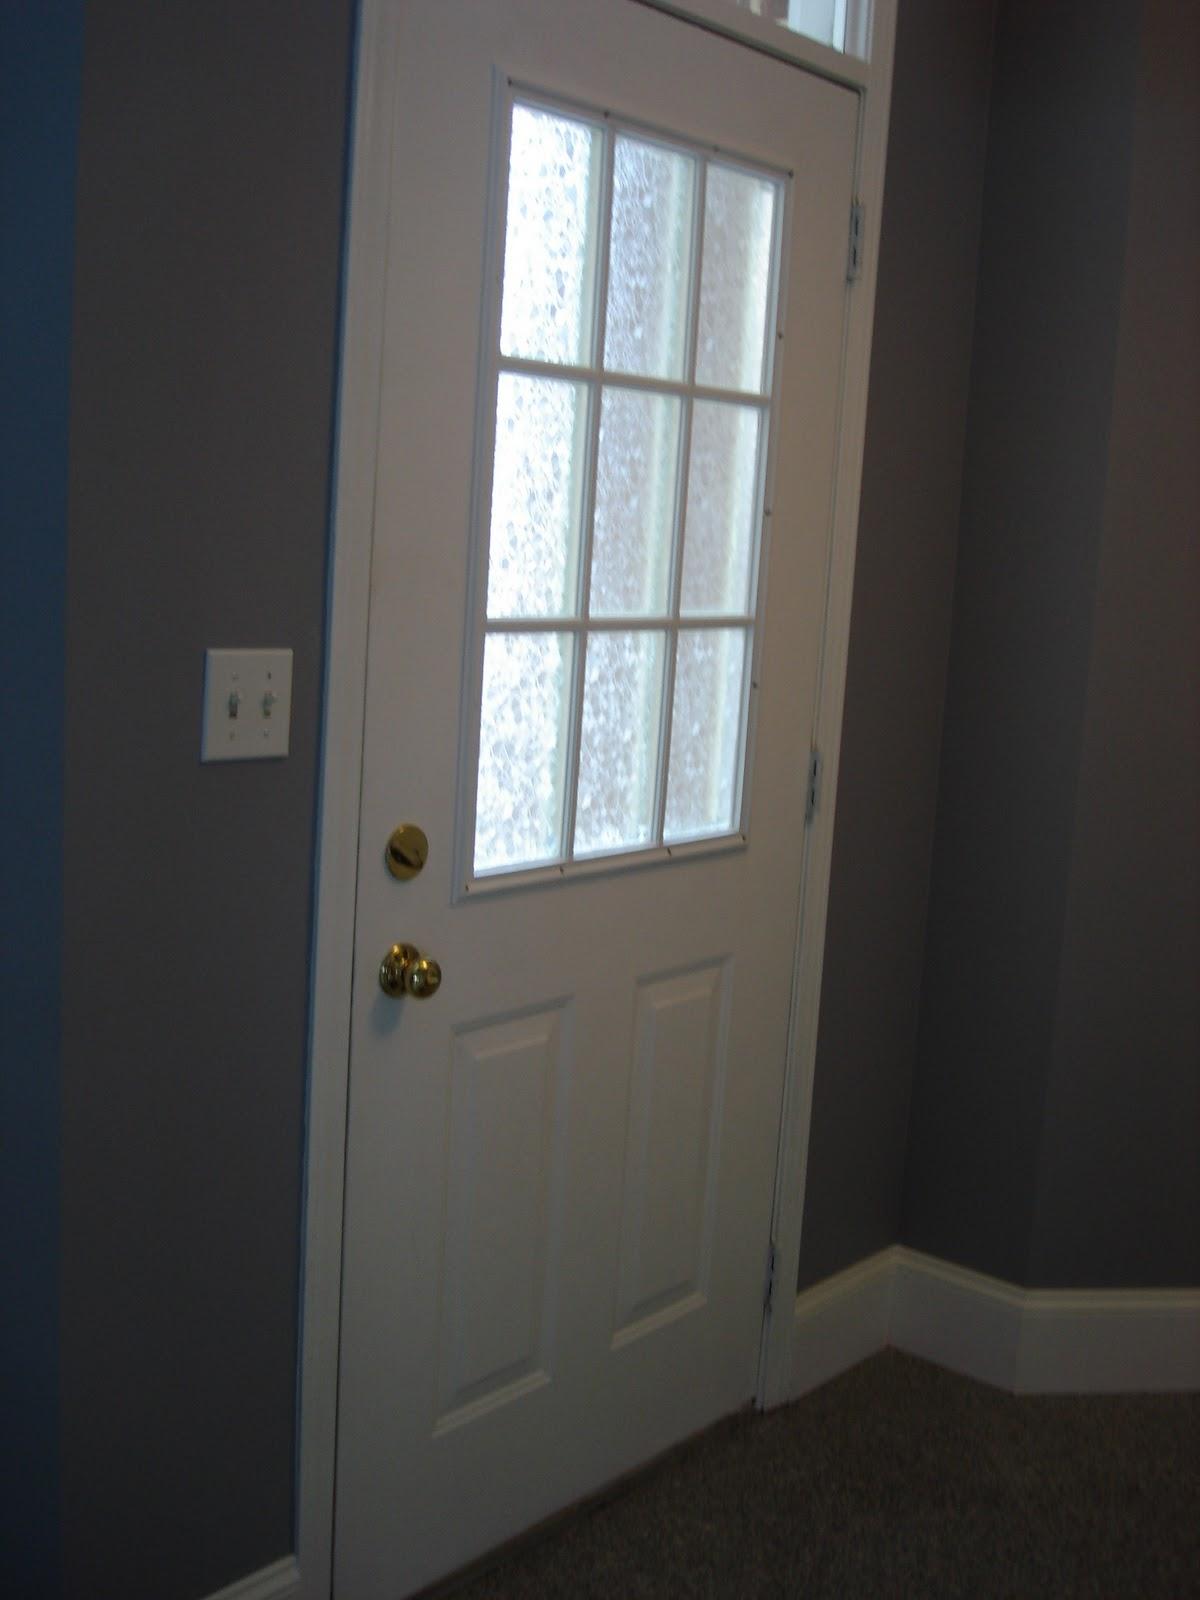 DG Style: Front Door Window Treatment